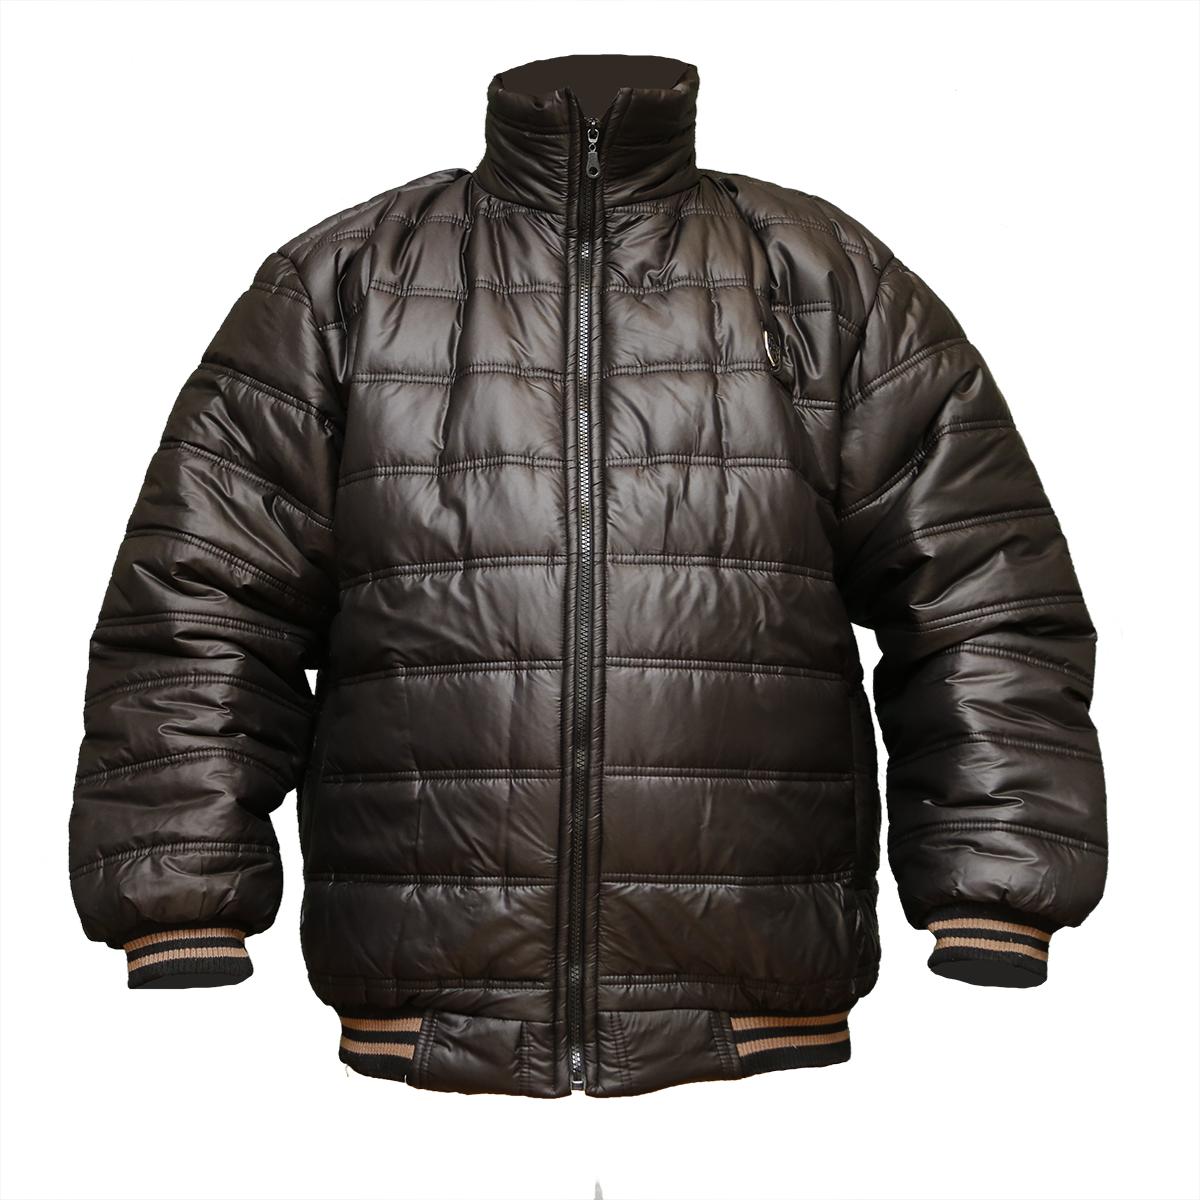 1b4d24c4bbc16 Мужская куртка на синтепоне пр-во Турция интернет магазин мужская одежда  ветровки и куртки 0665